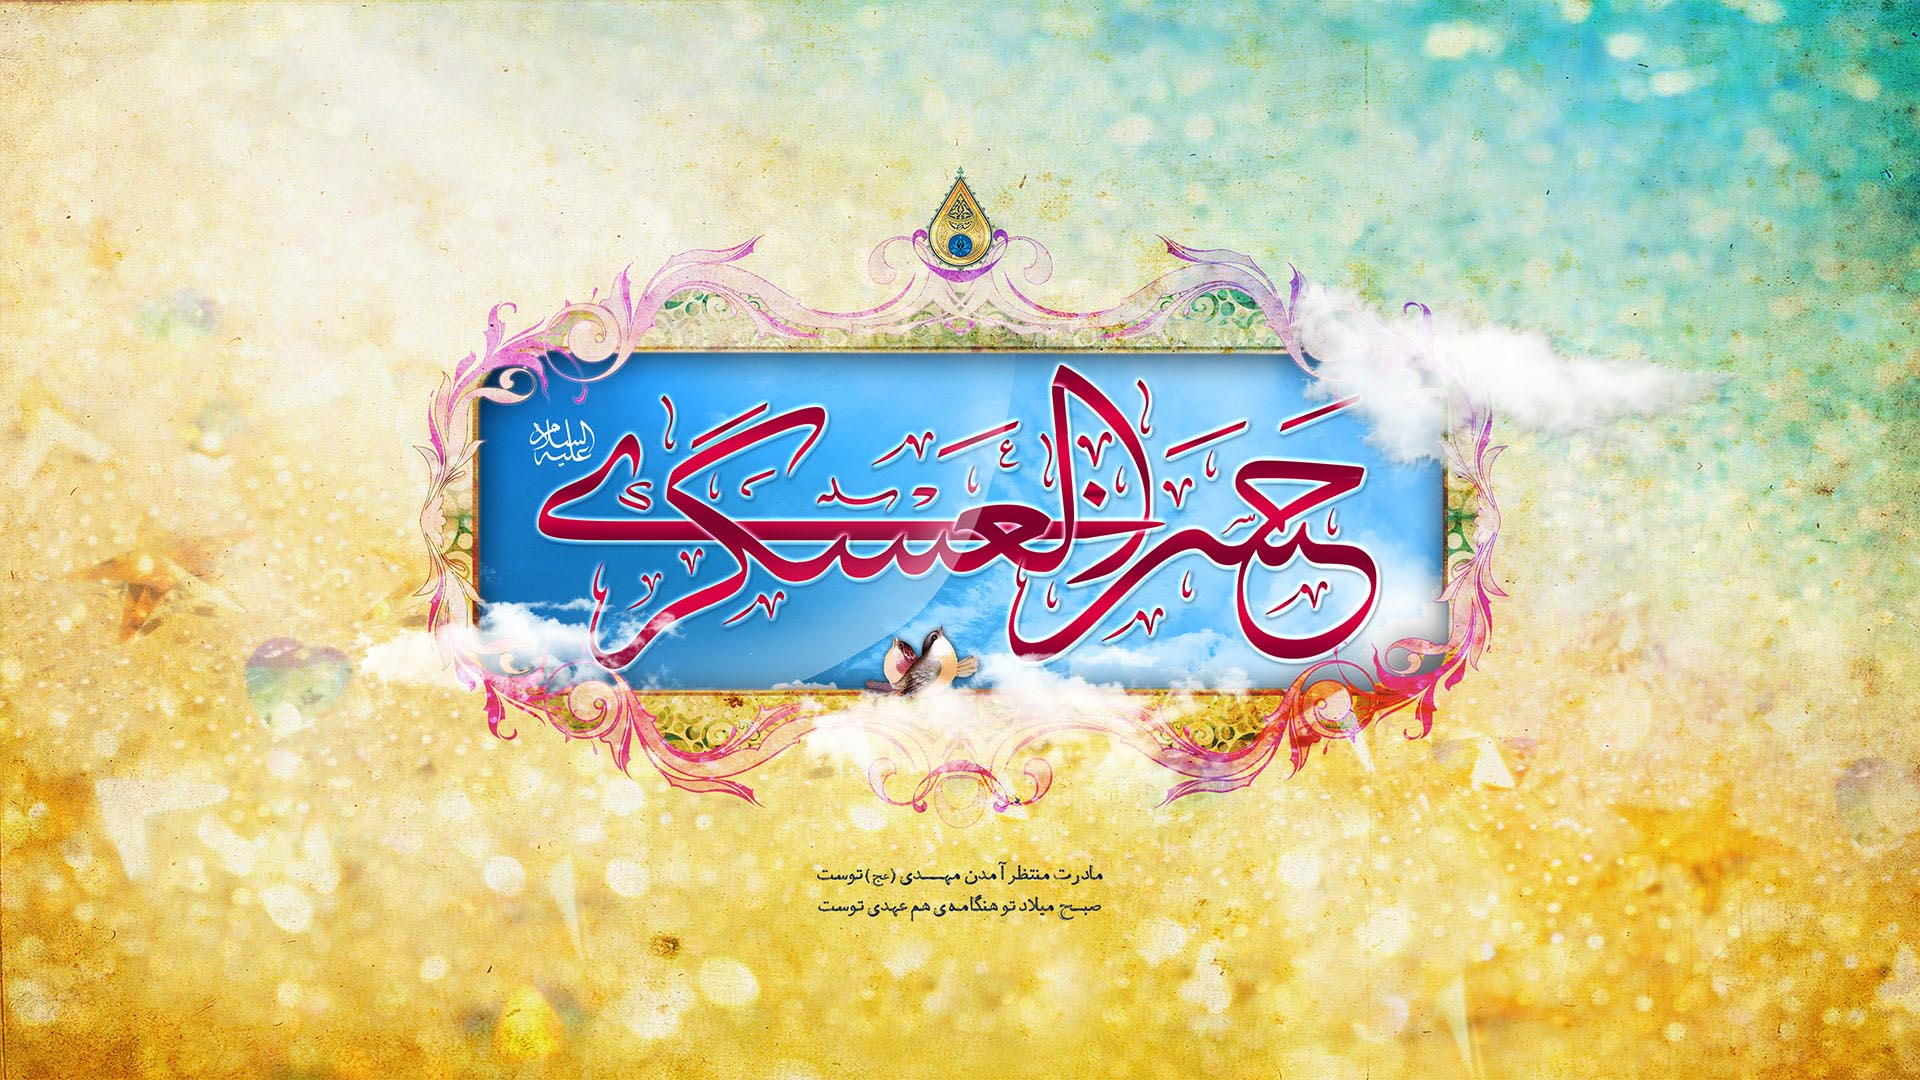 عکس و پوستر مذهبی با موضوع ولادت باسعادت امام حسن عسگری(ع)